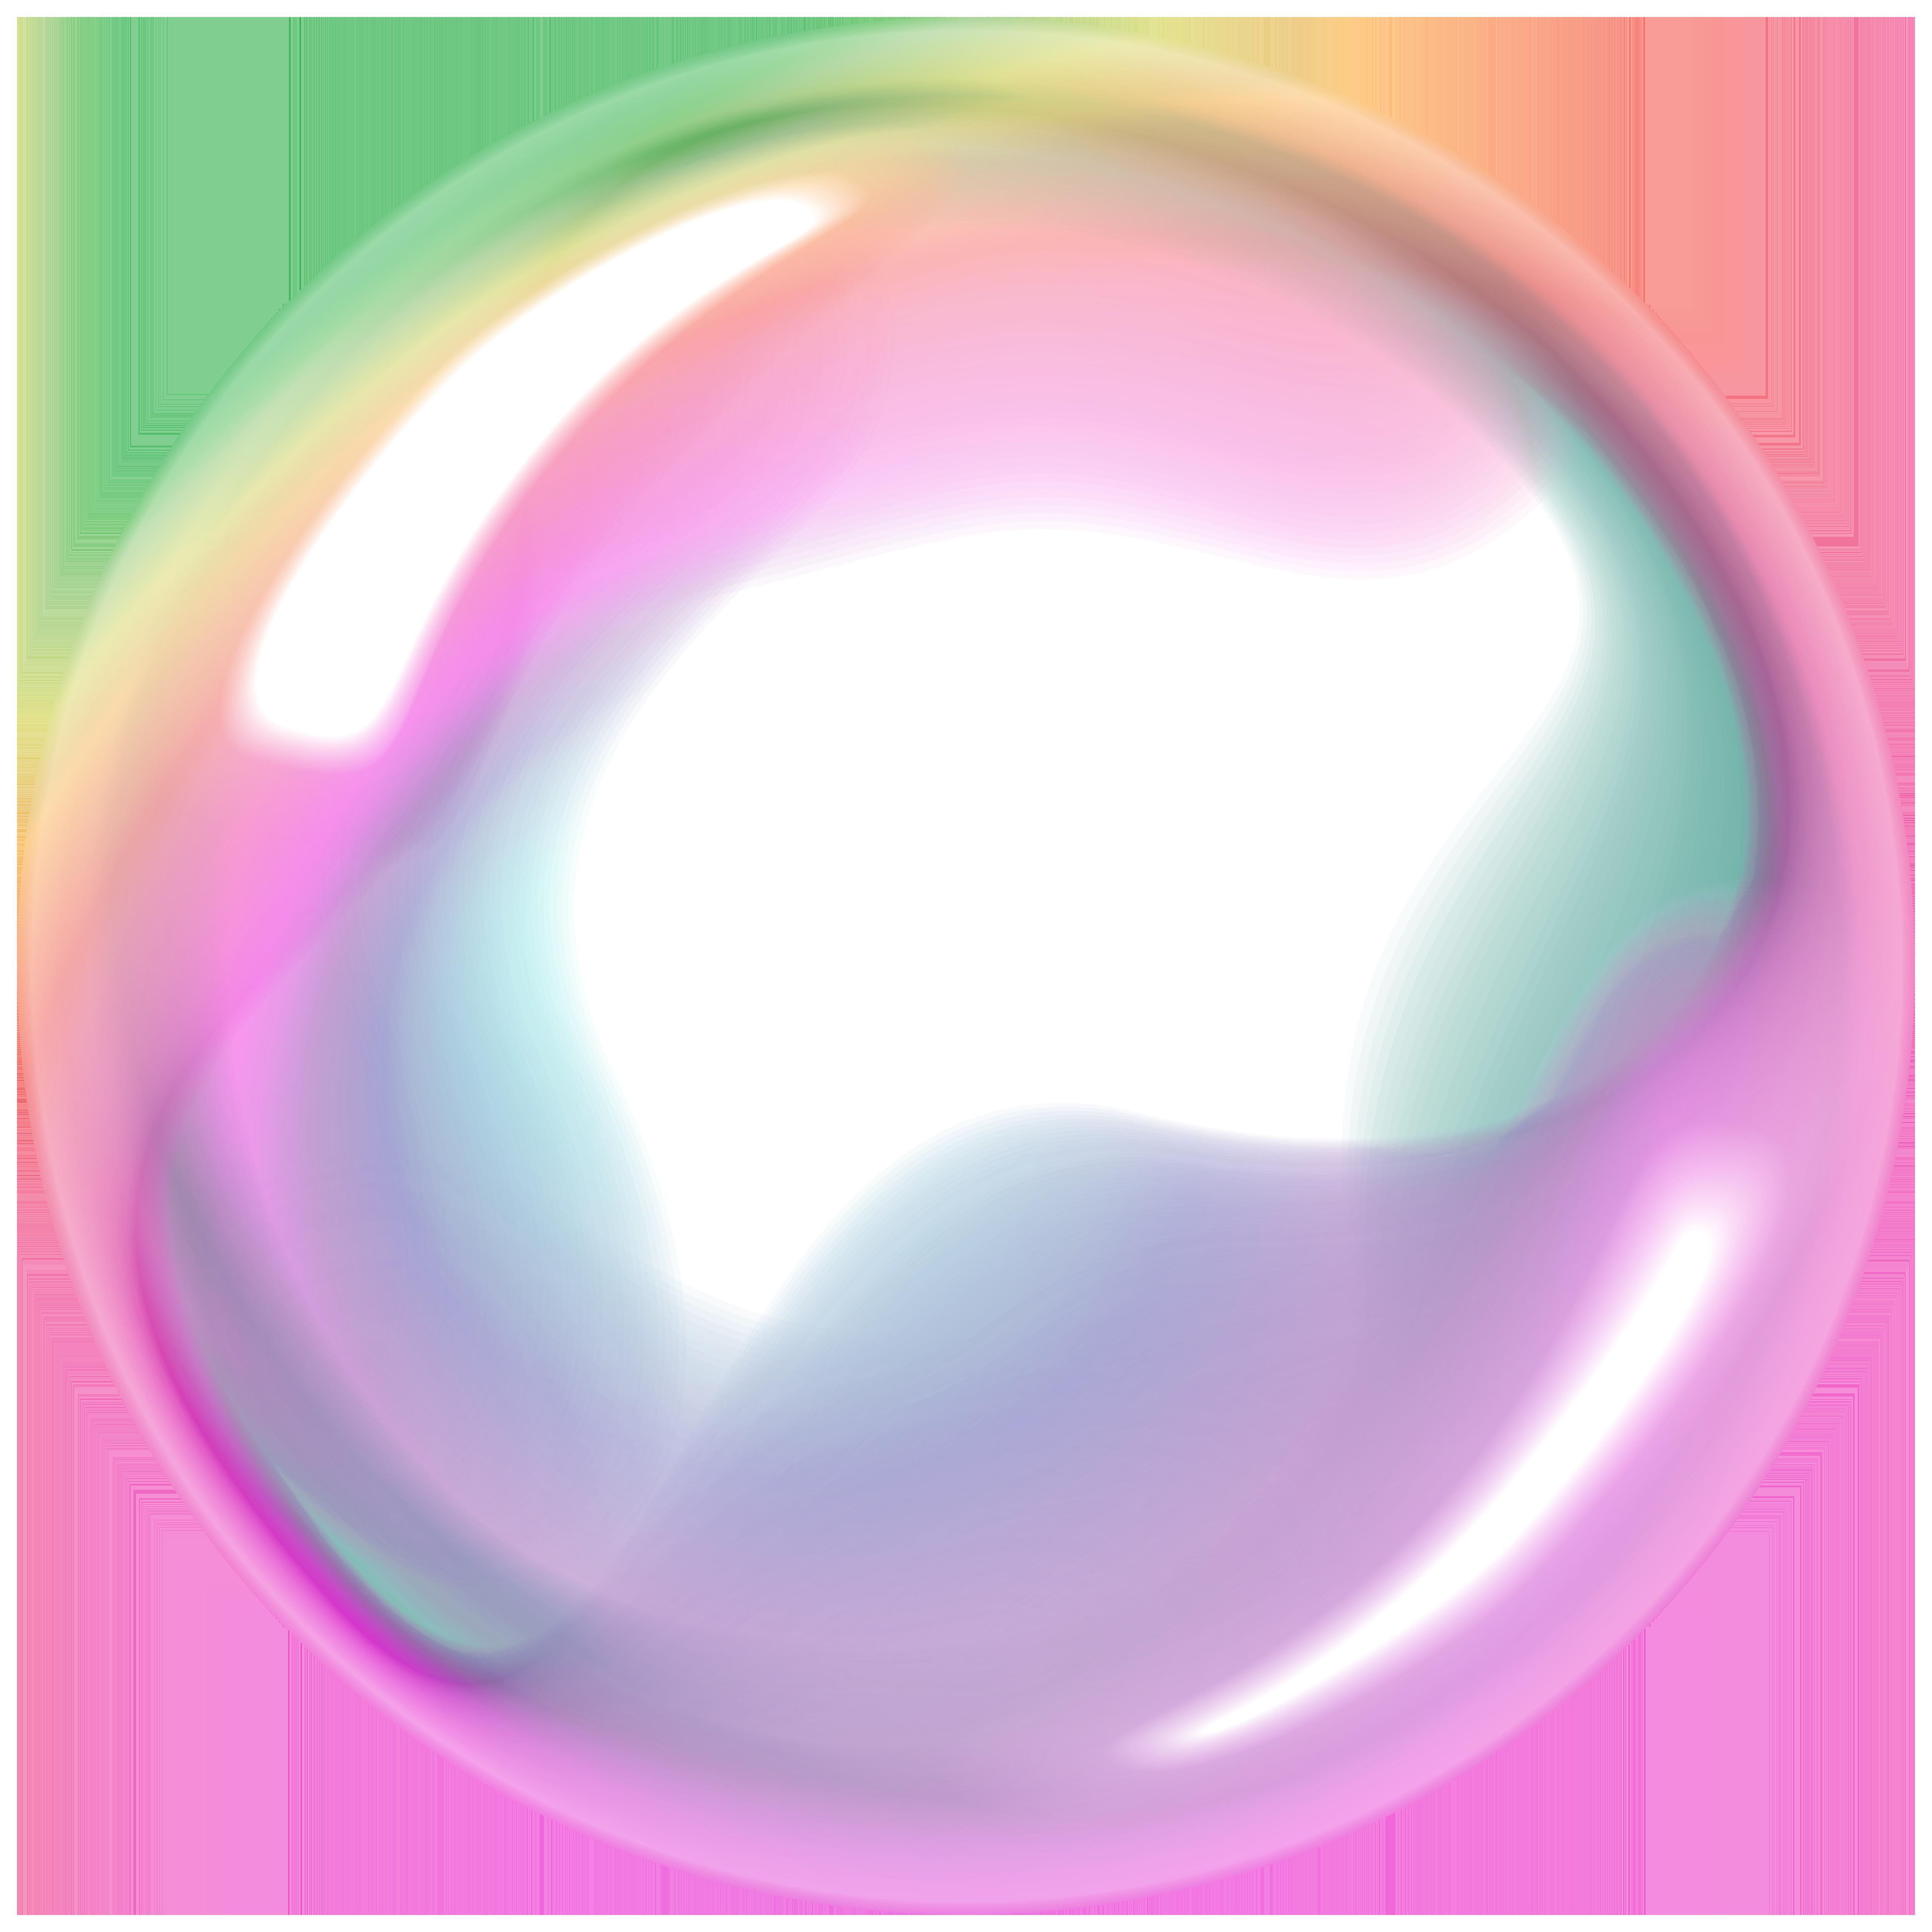 Set Of Transparent Soap Bubbles Soap Bubbles Bubble Drawing Bubbles